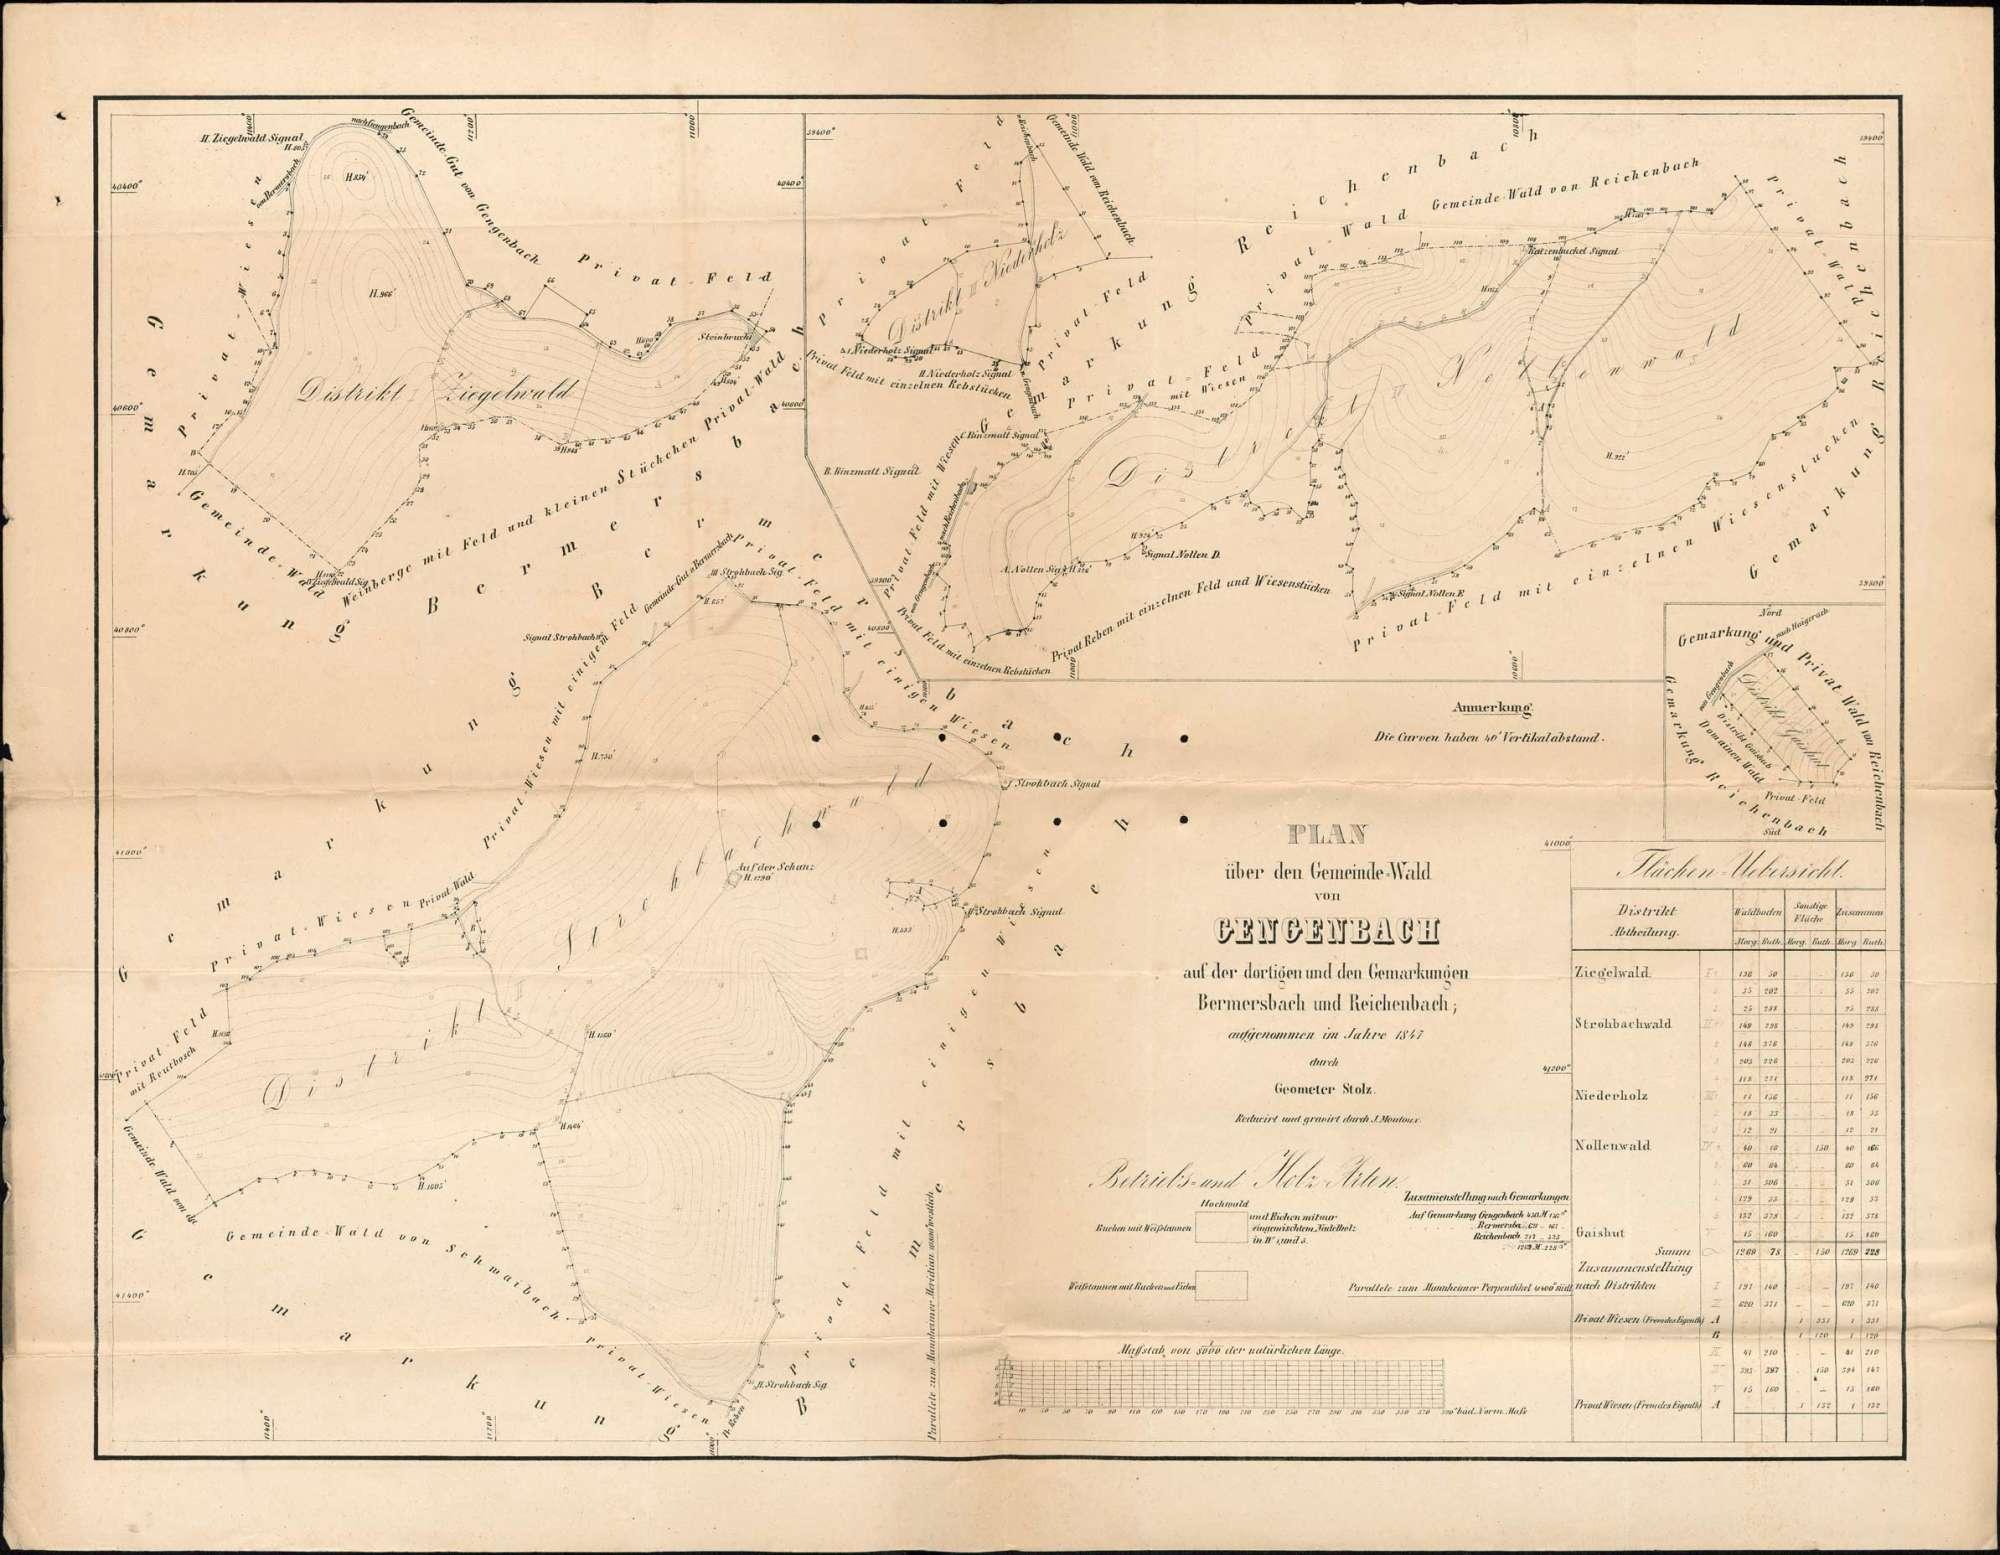 Aufteilung der Gengenbacher Allmende zwischen der Stadt Gengenbach und den Vogteien Reichenbach, Schwaibach und Bermersbach, Bild 1